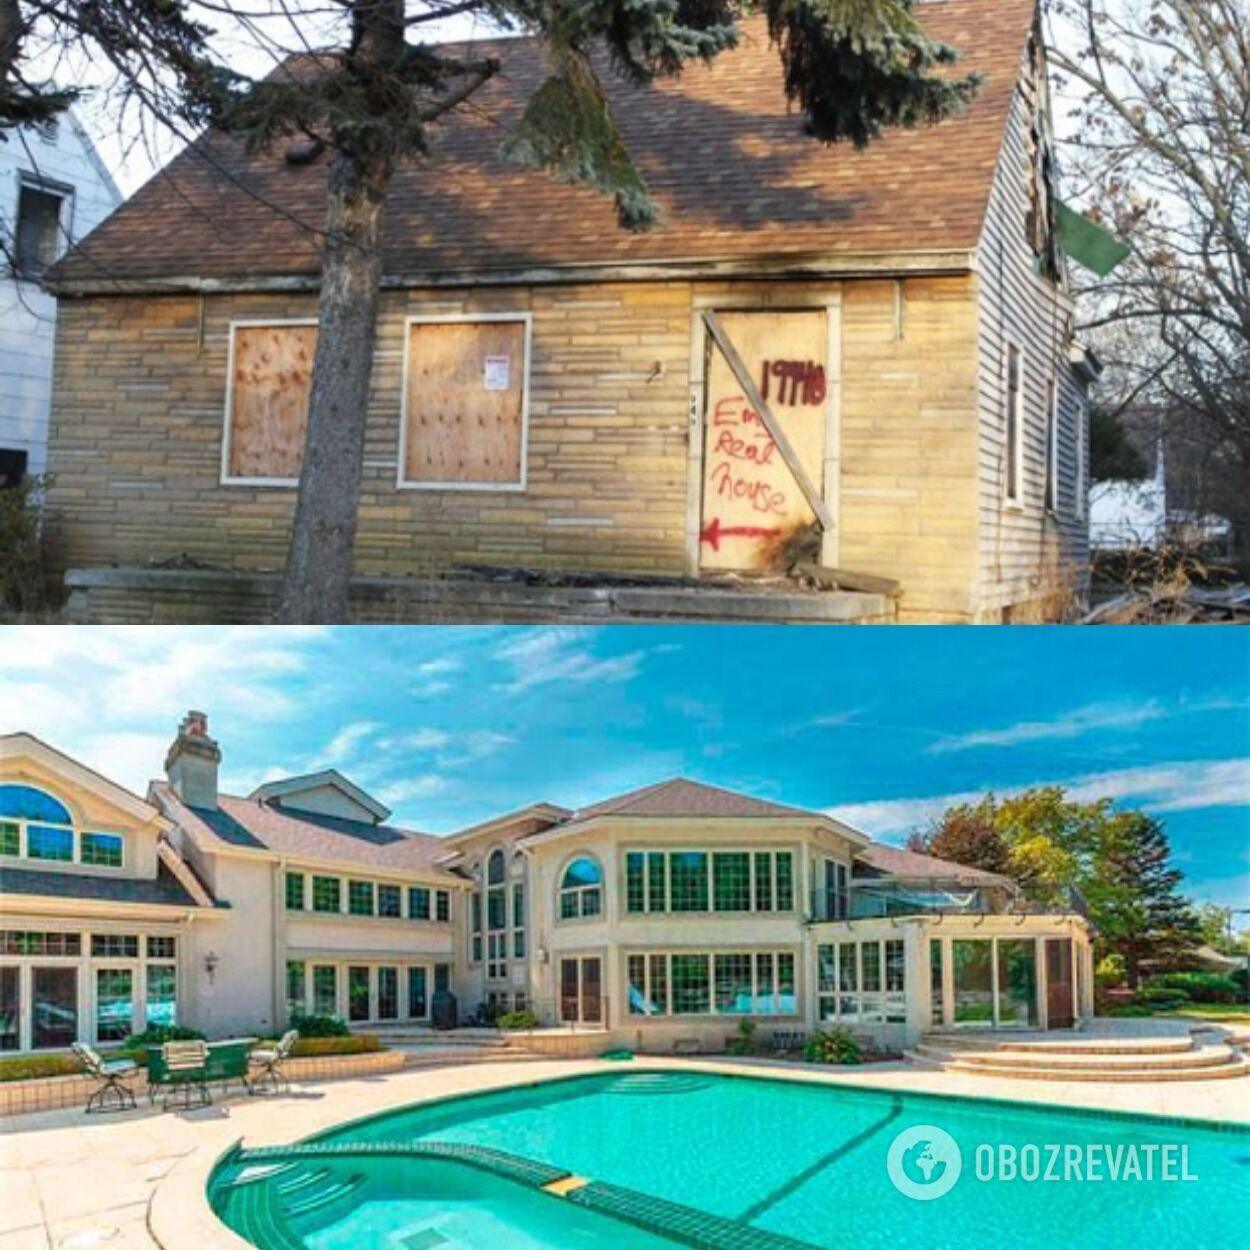 Дом детства Эминема (рэпер поместил фото этого дома на обложку одного из своих альбомов) и один из особняков певца, который он приобрел, став известным